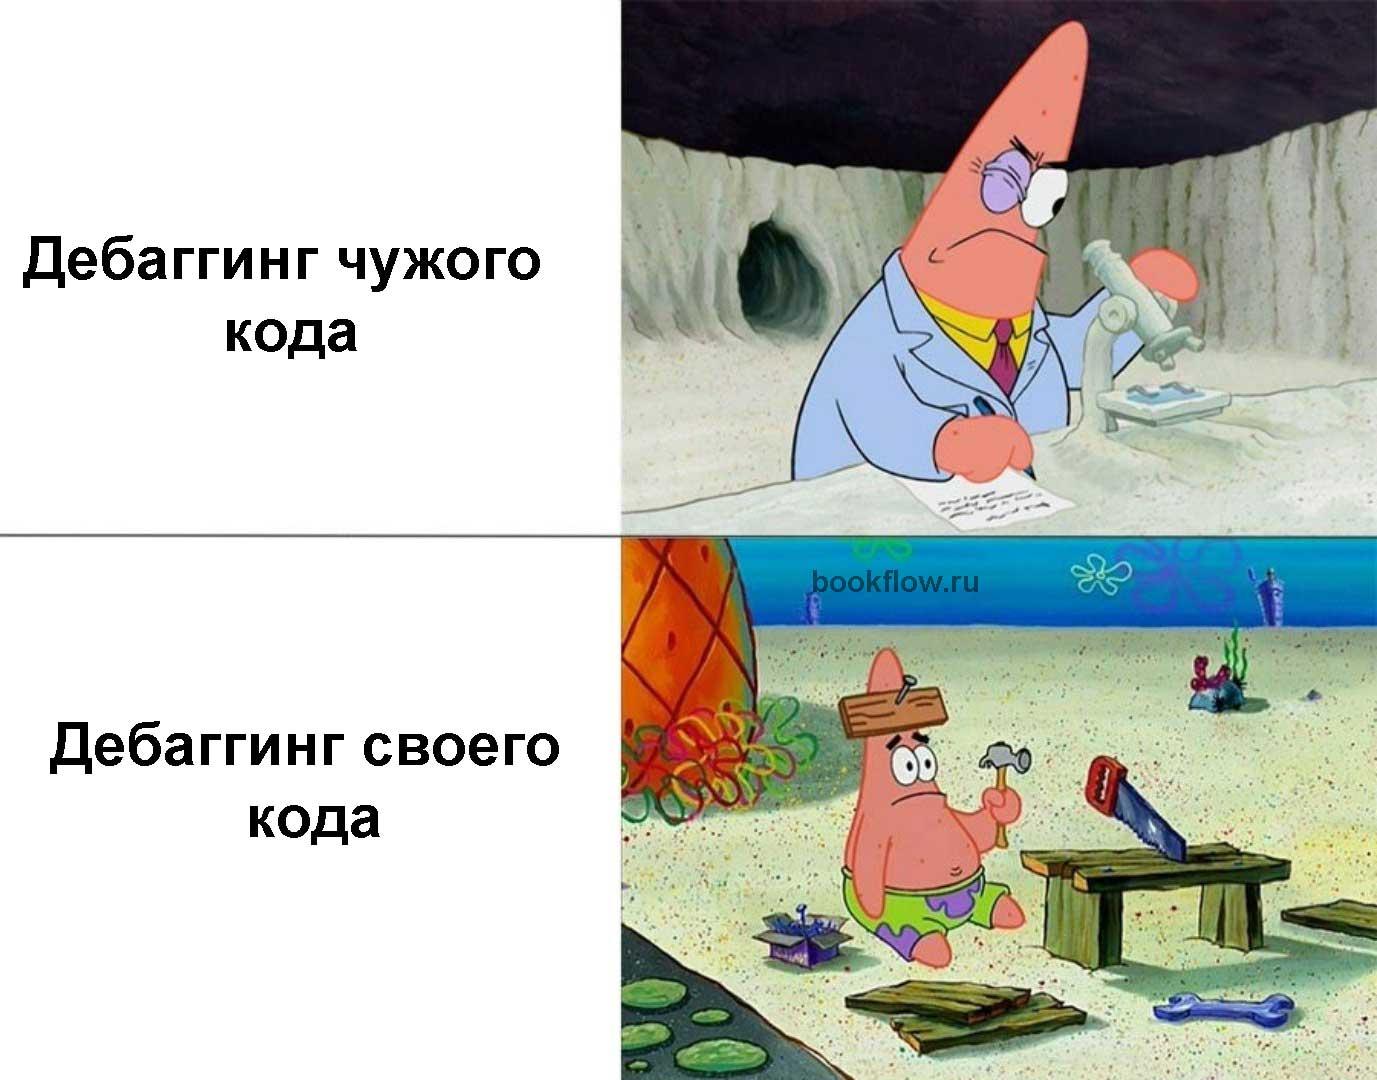 Дебаггинг чужого кода vs Дебаггинг своего кода